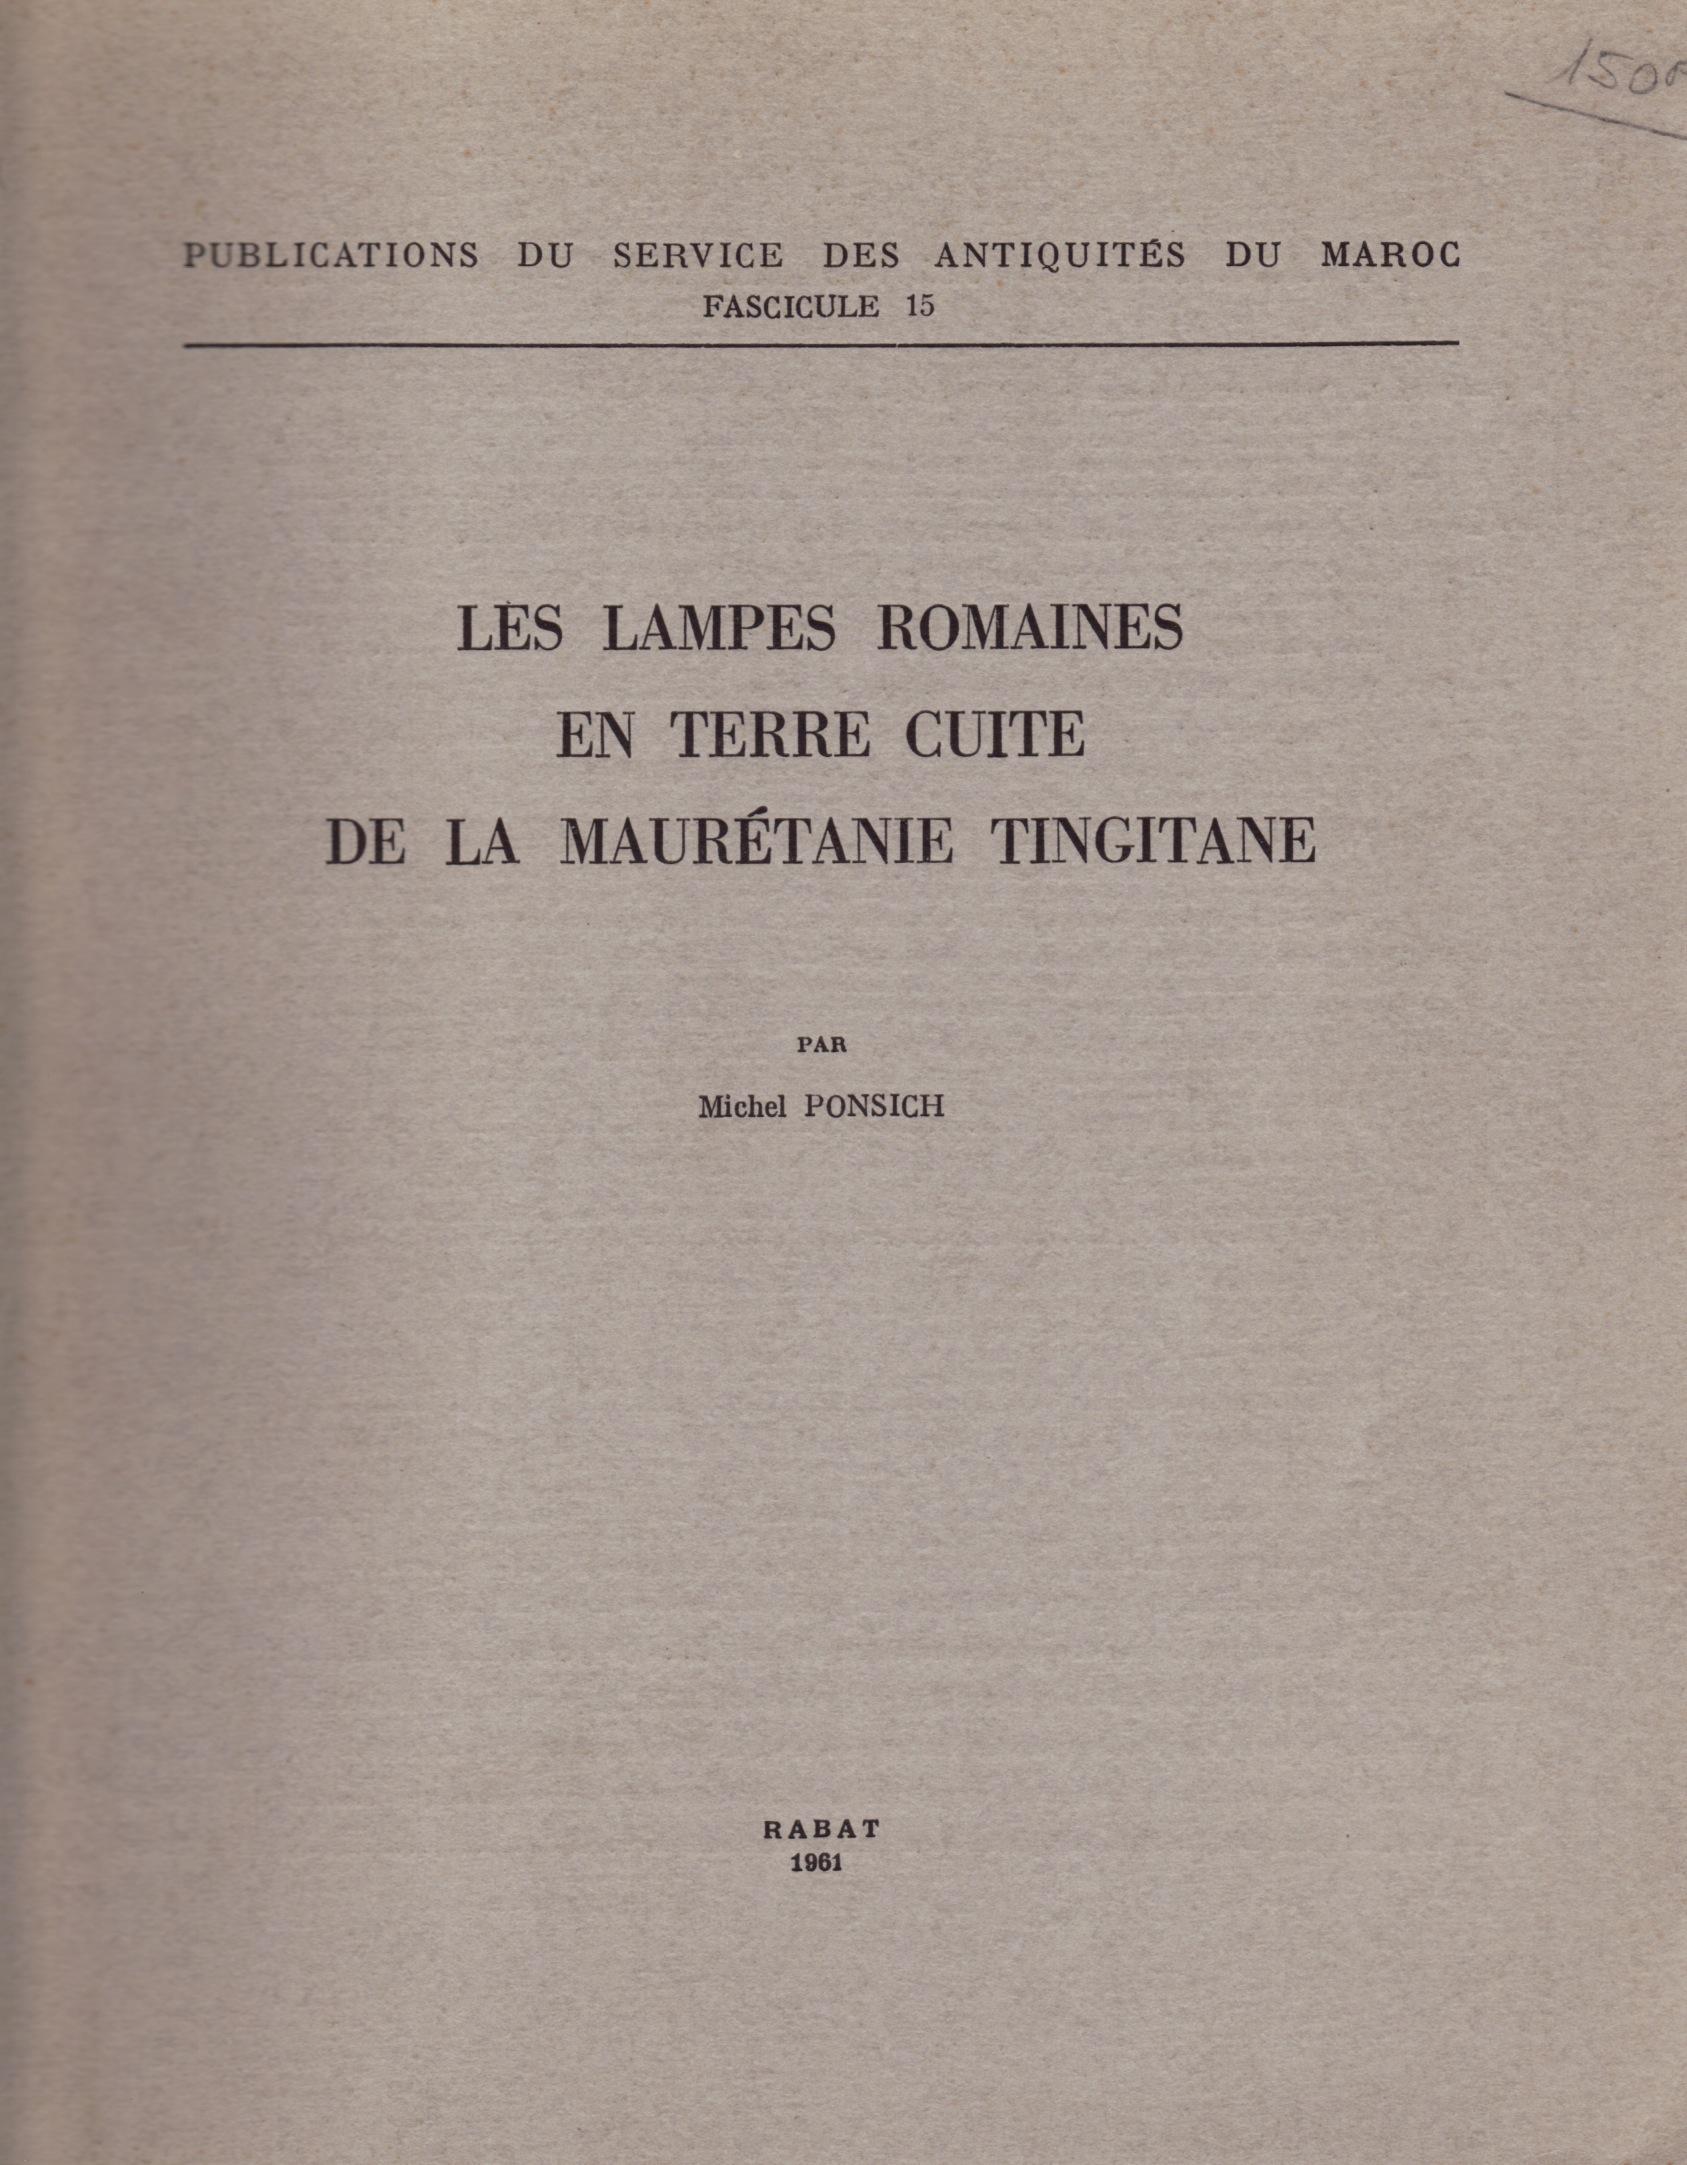 Ponsich 1961